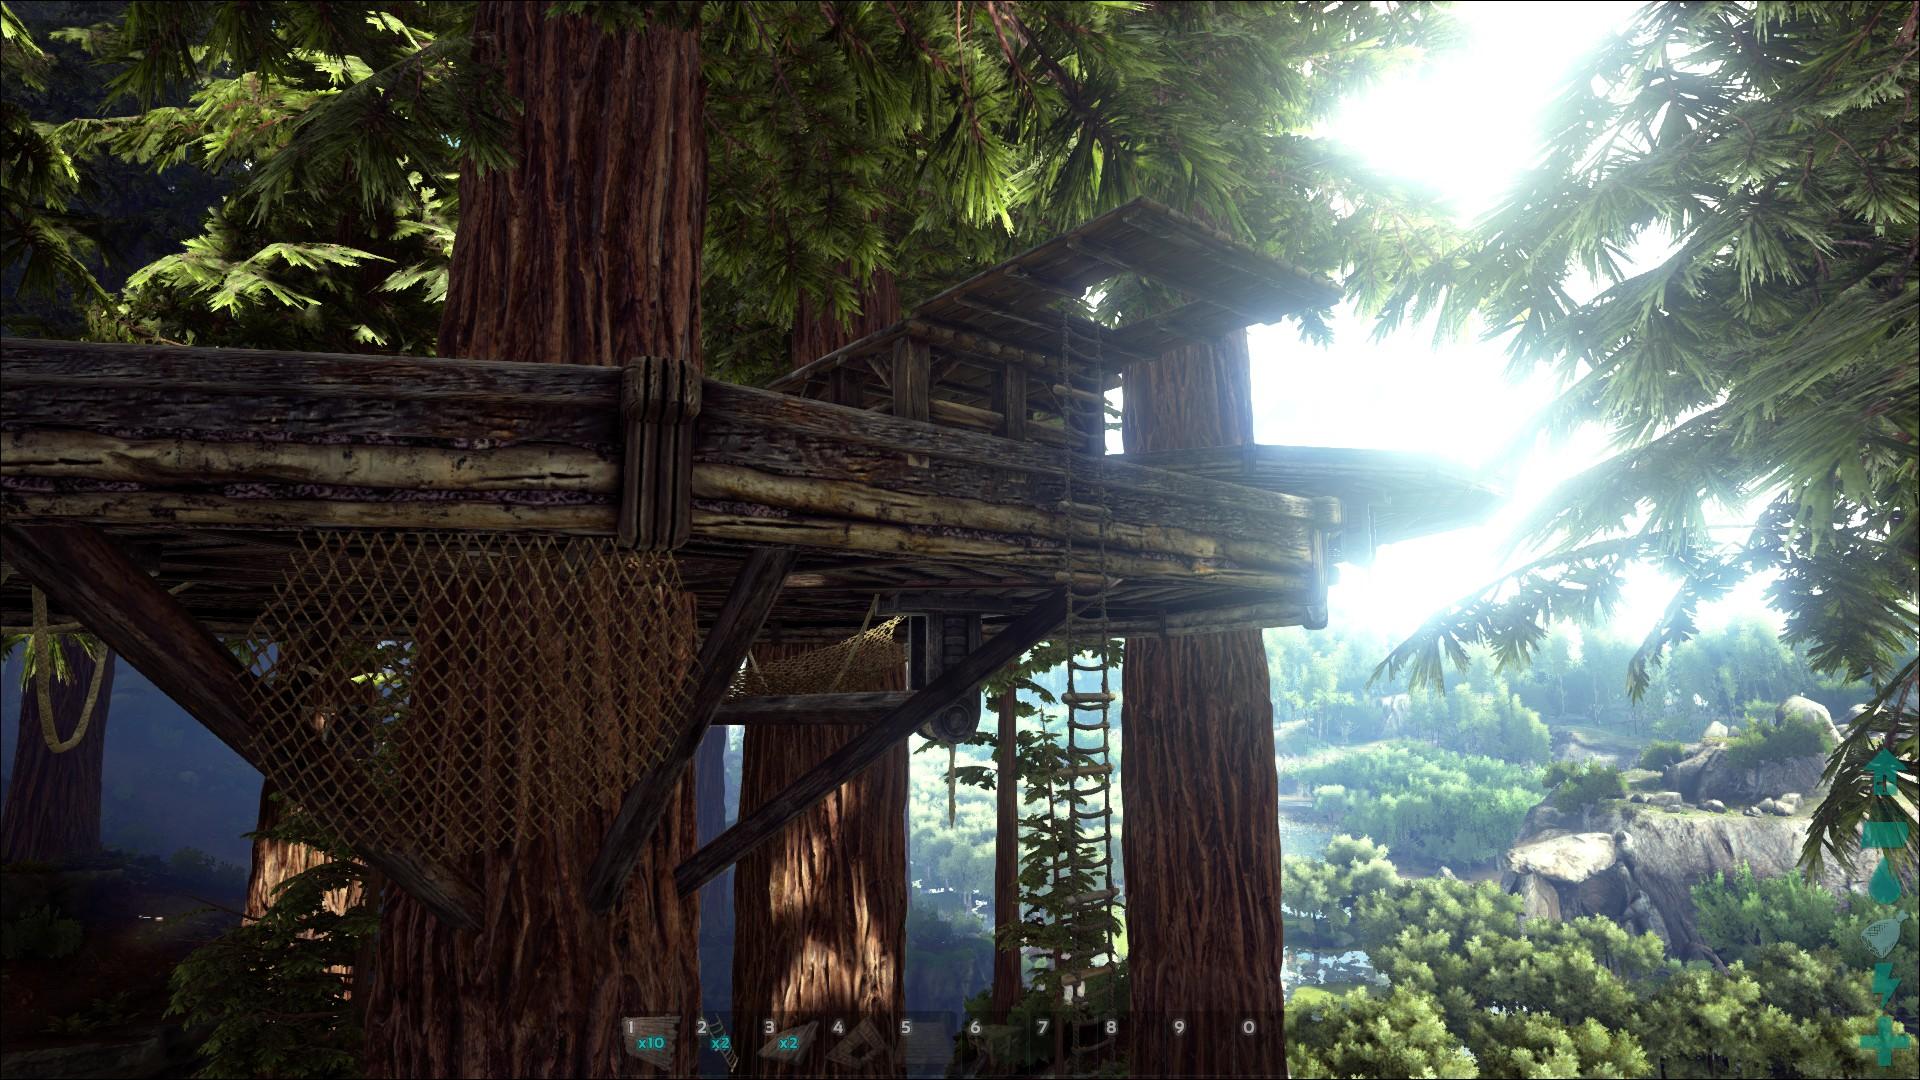 2430 Erste Eindrücke Baumhaus Strukturen Holz Und